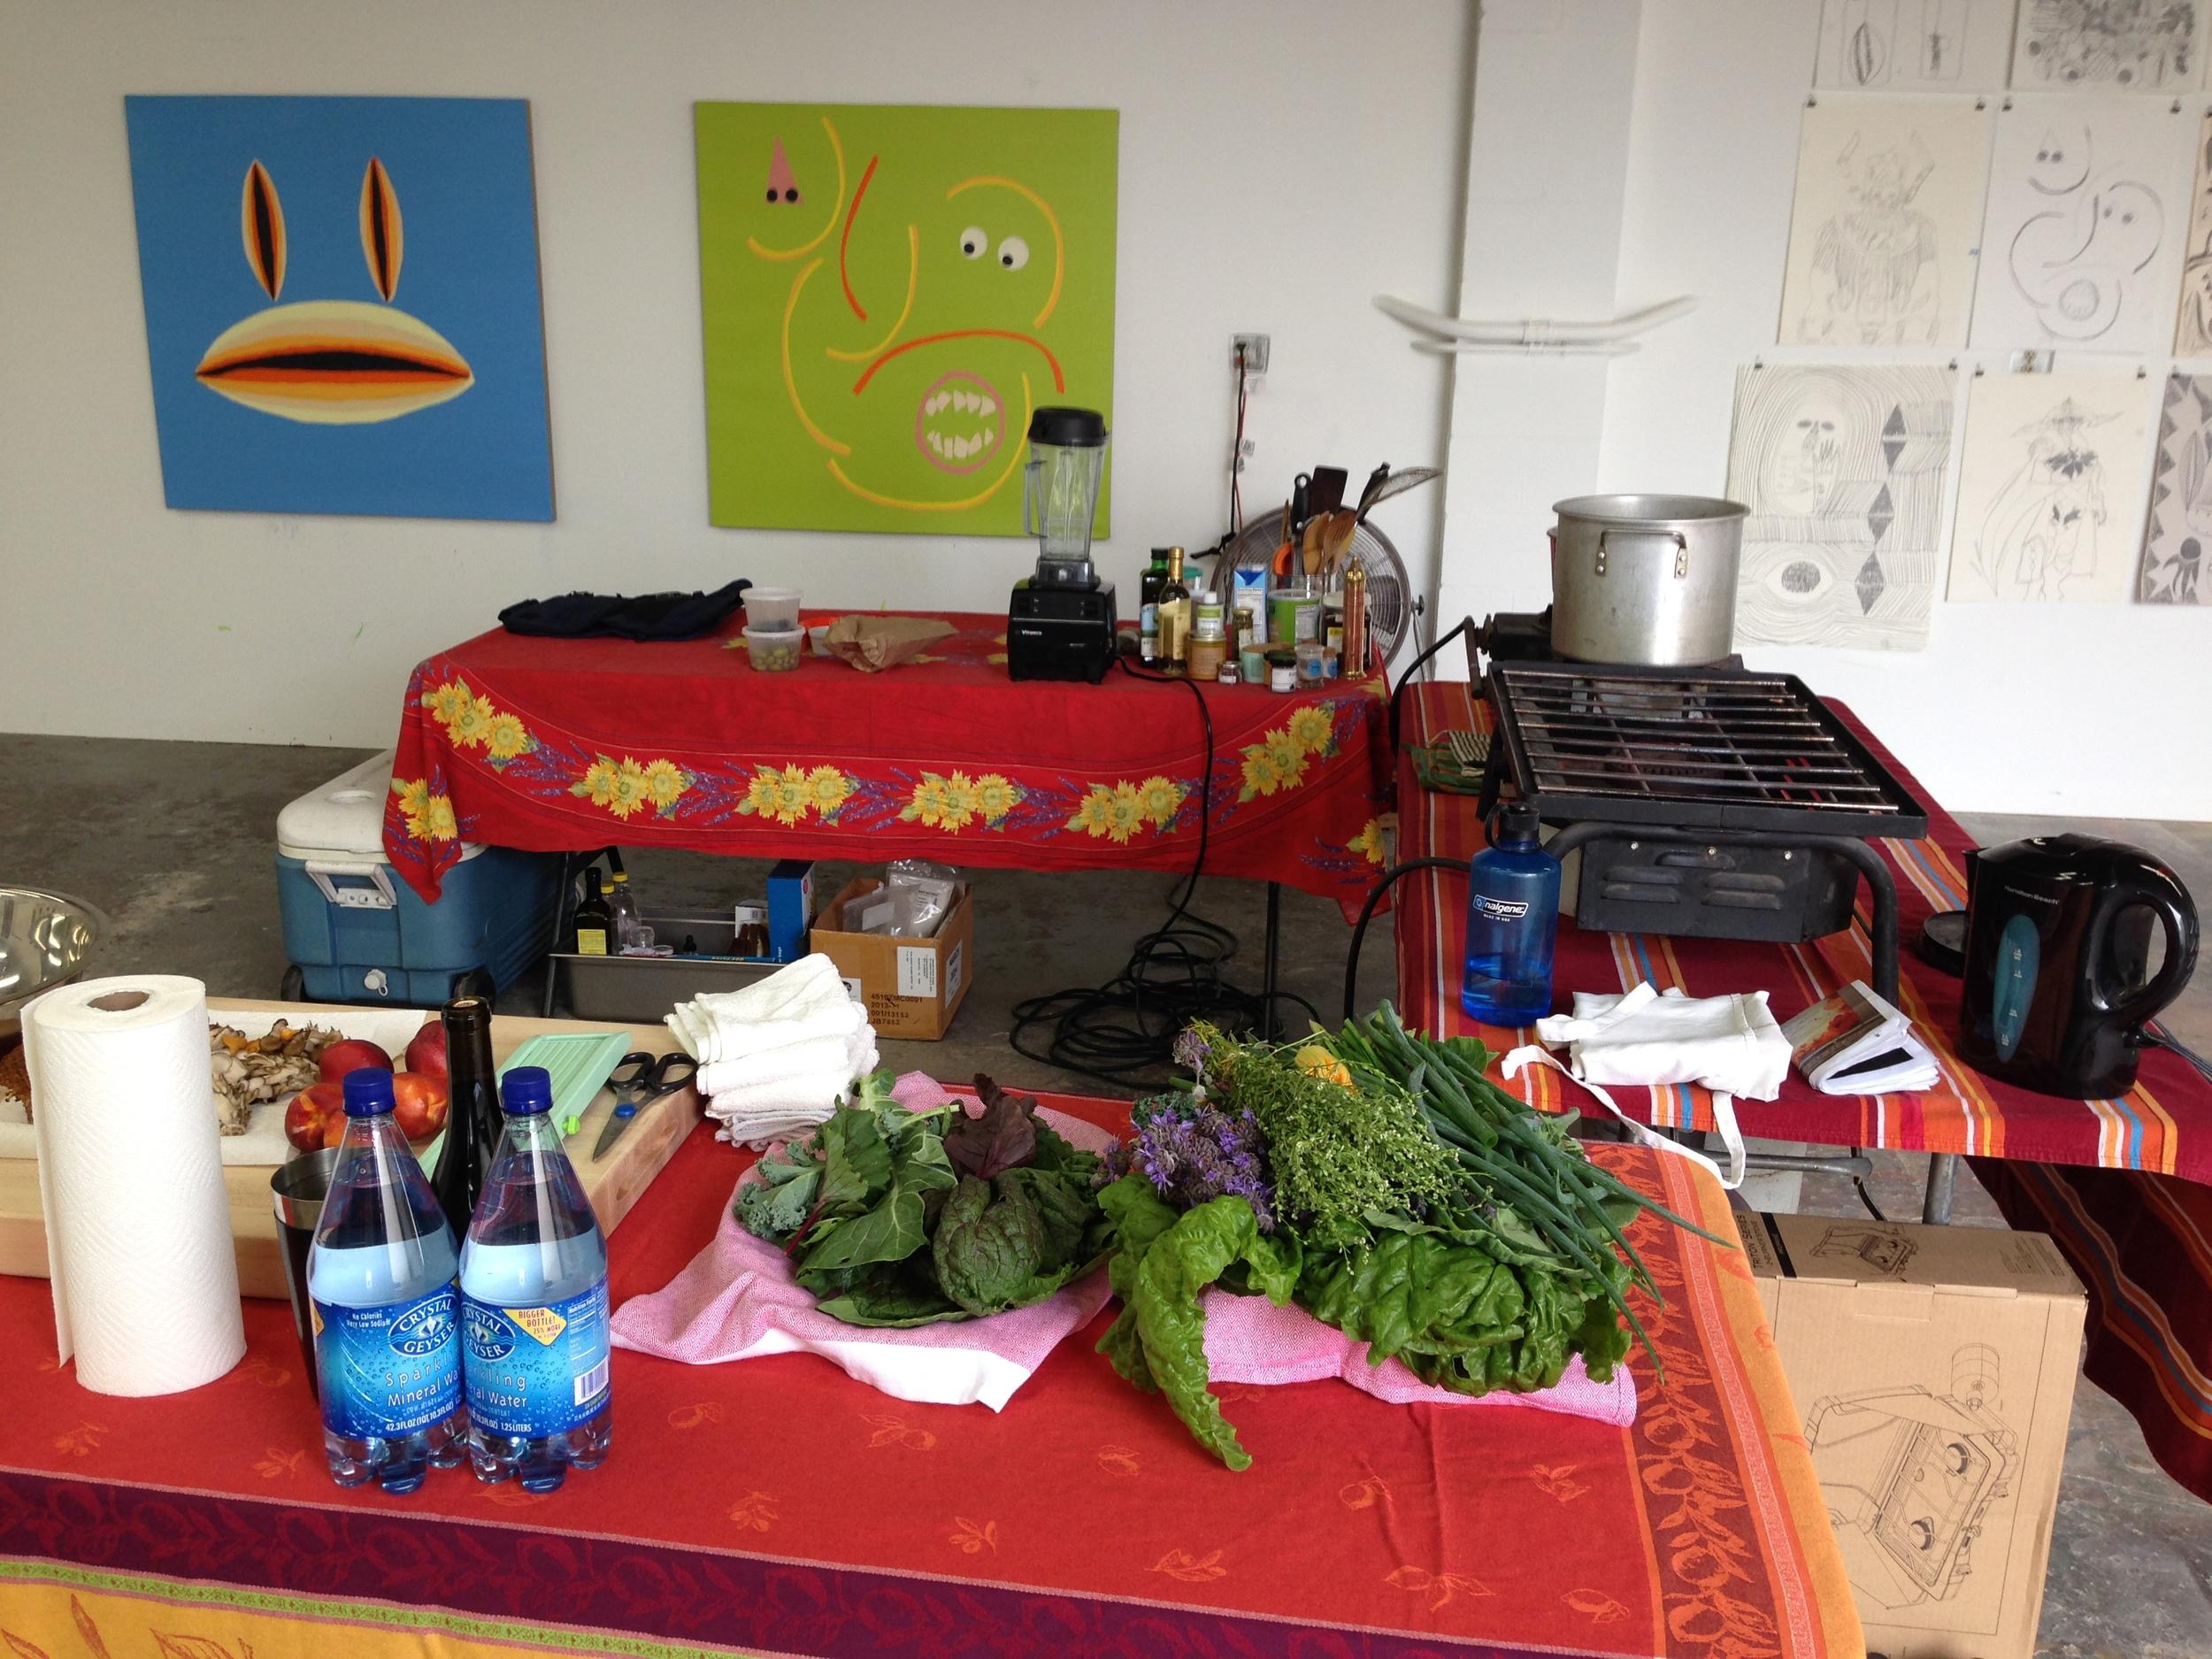 Studio Kitchen set up